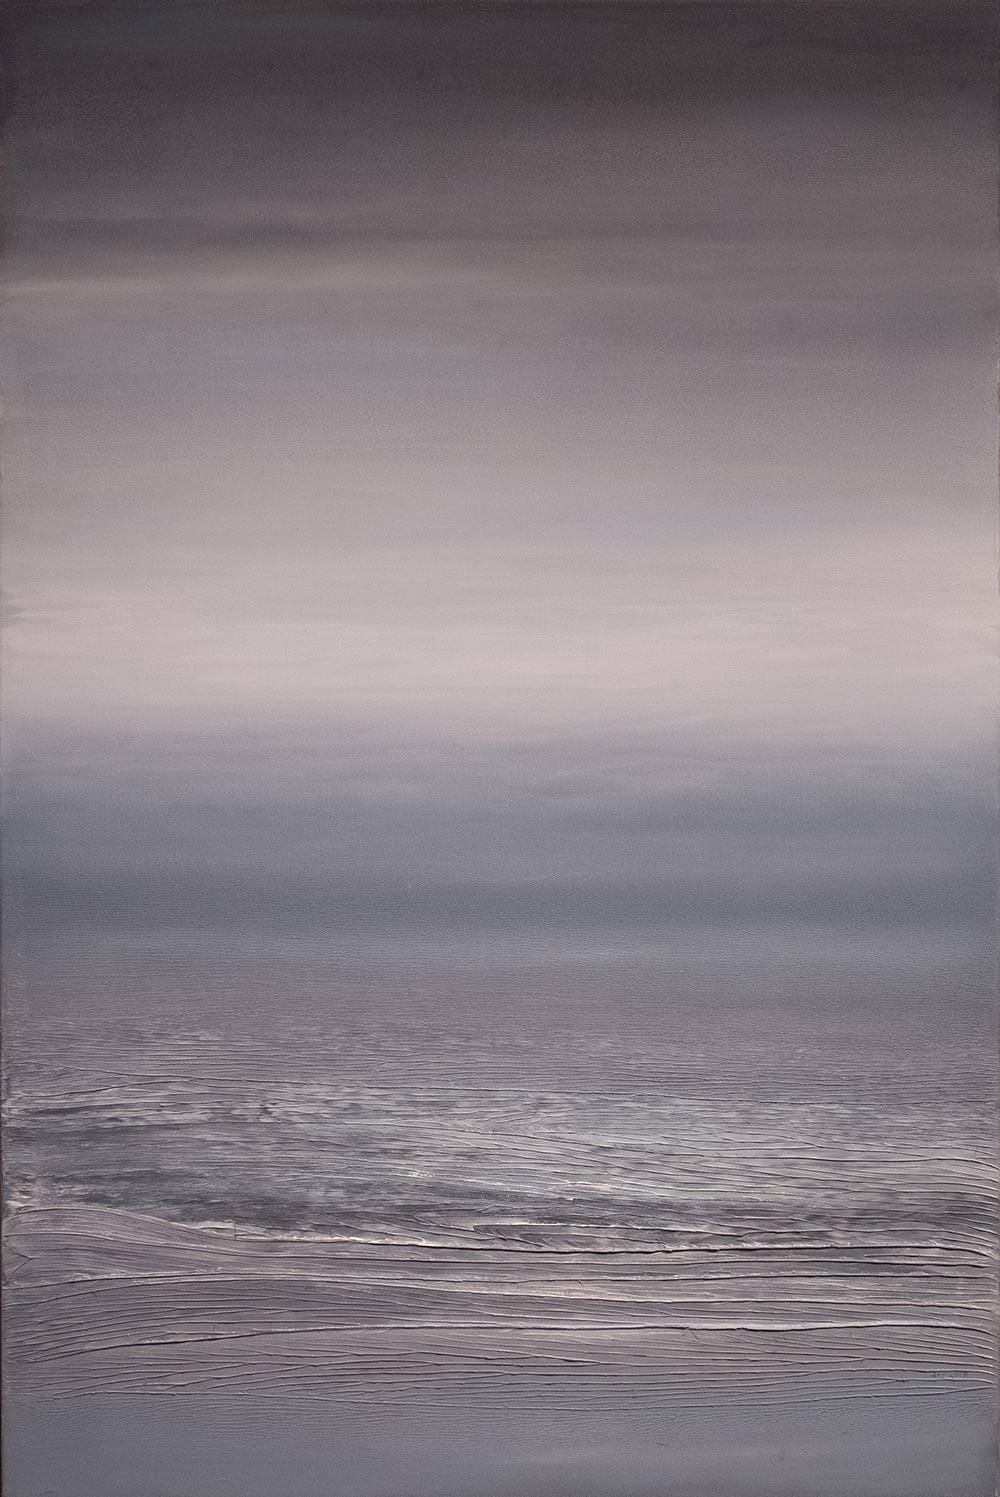 David-Joy-Seascapes-D19-013-40